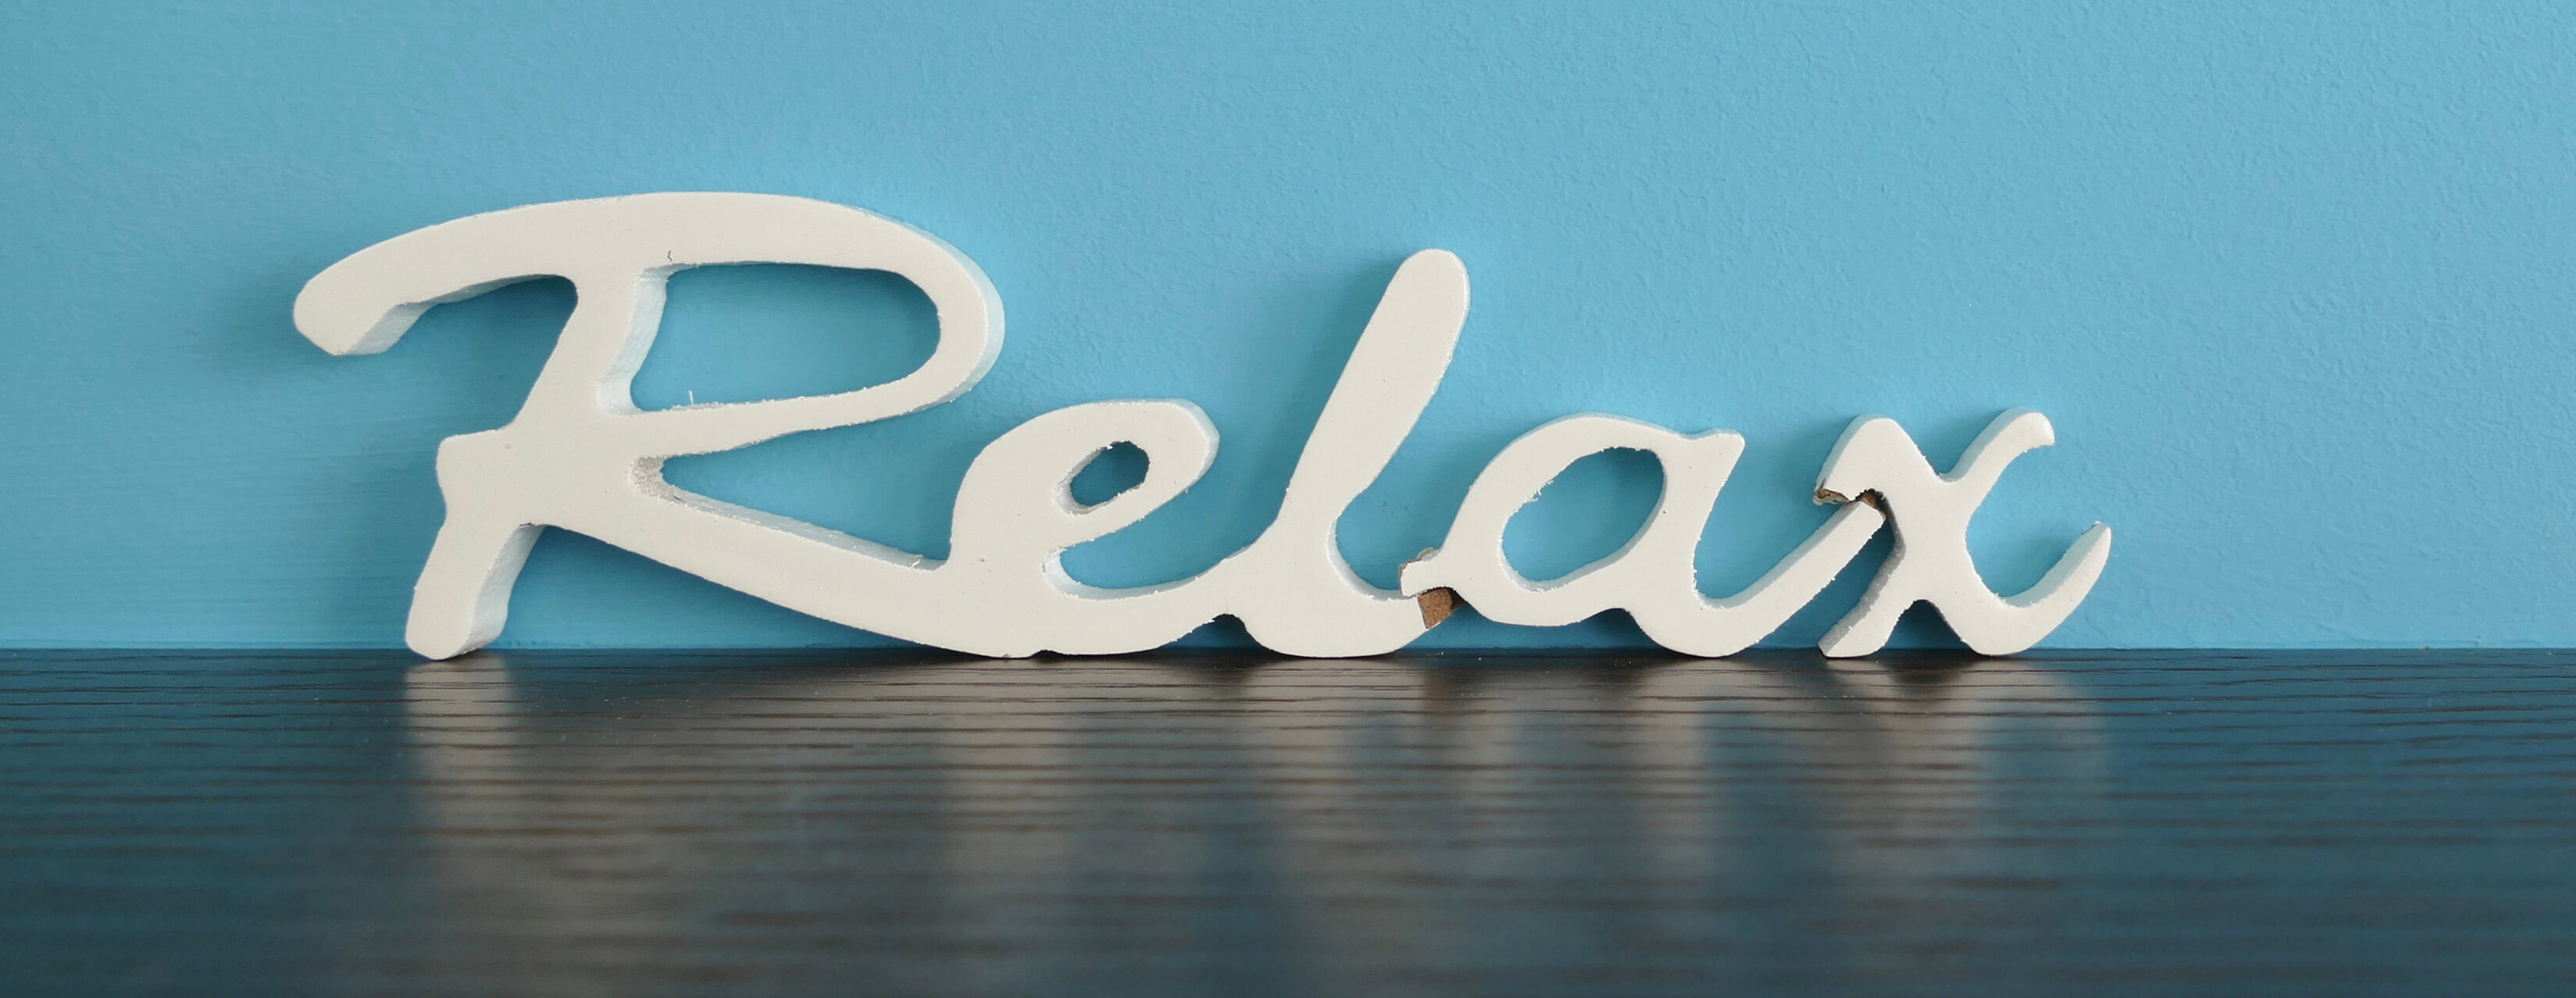 header_angebote_relaxt.jpg